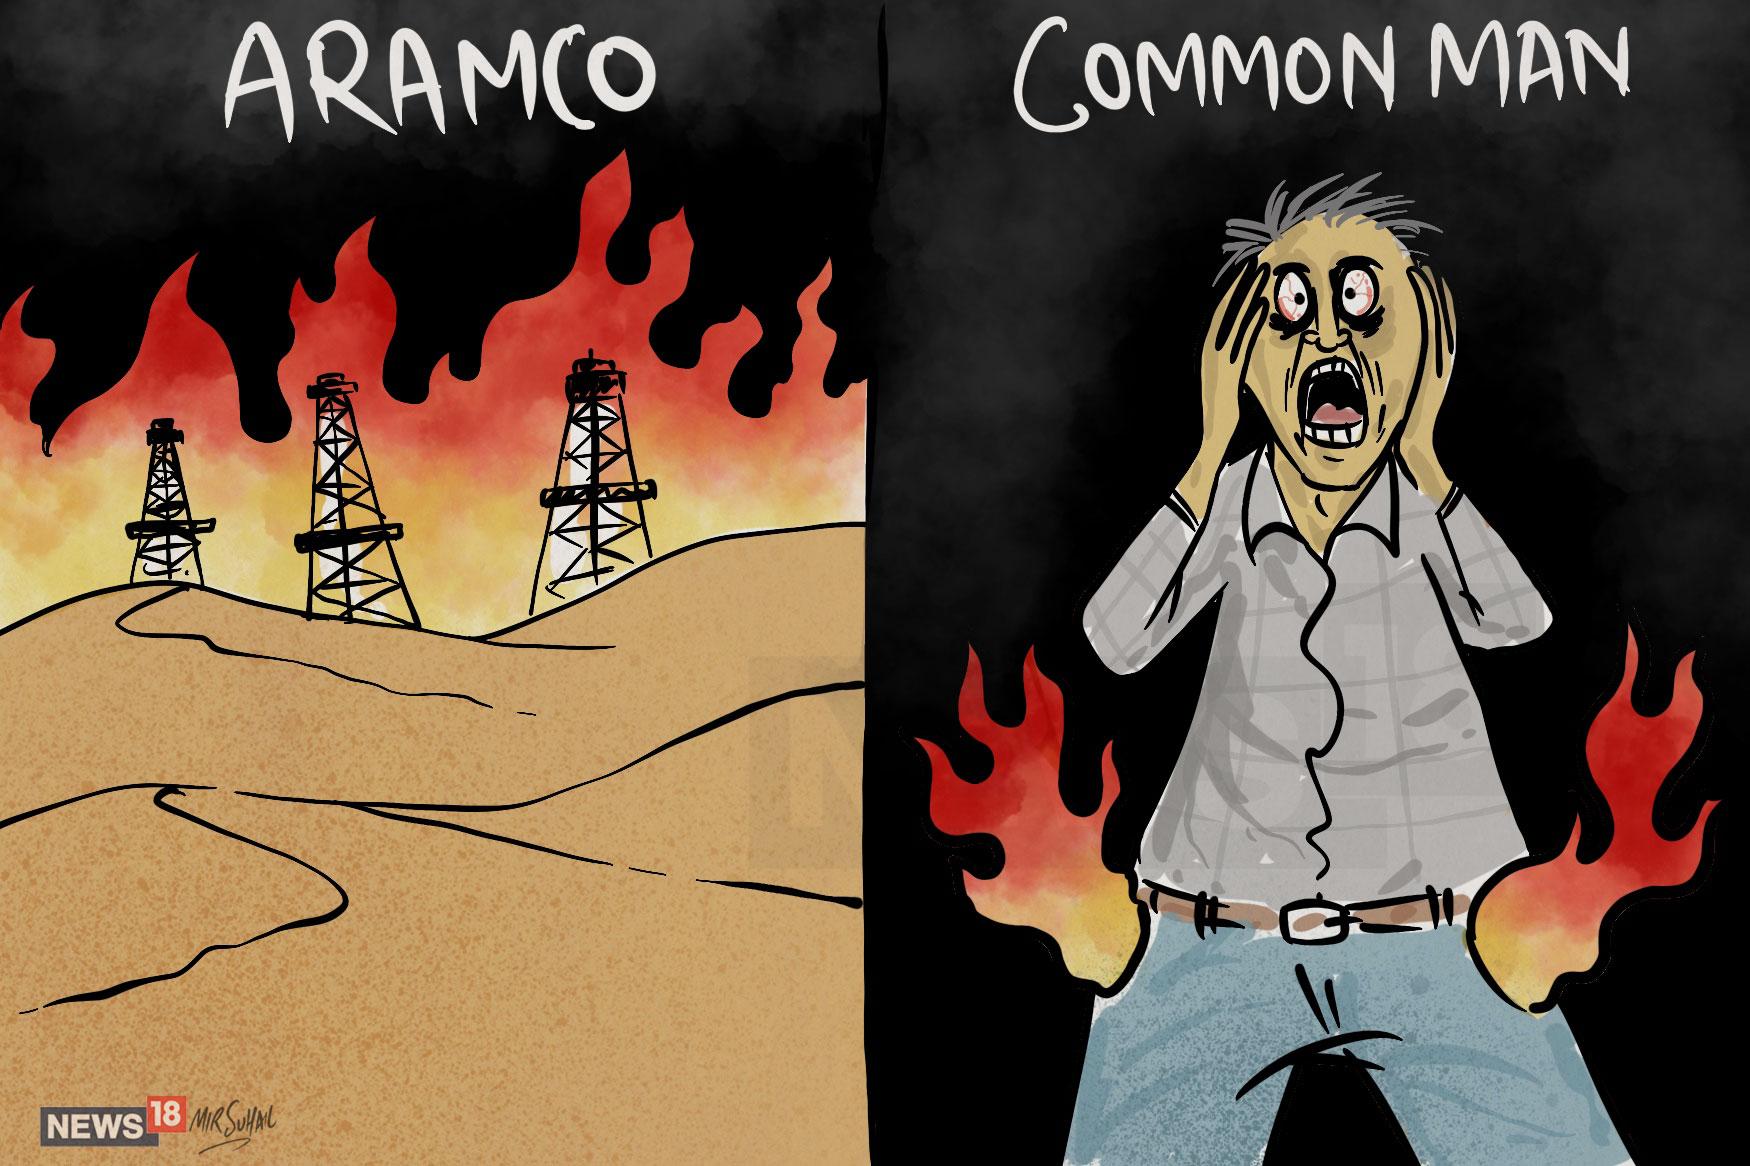 पुढच्या पंधरवड्यात येणार वाईट बातमी; पेट्रोल -डिझेलचे भाव इतके वाढणार